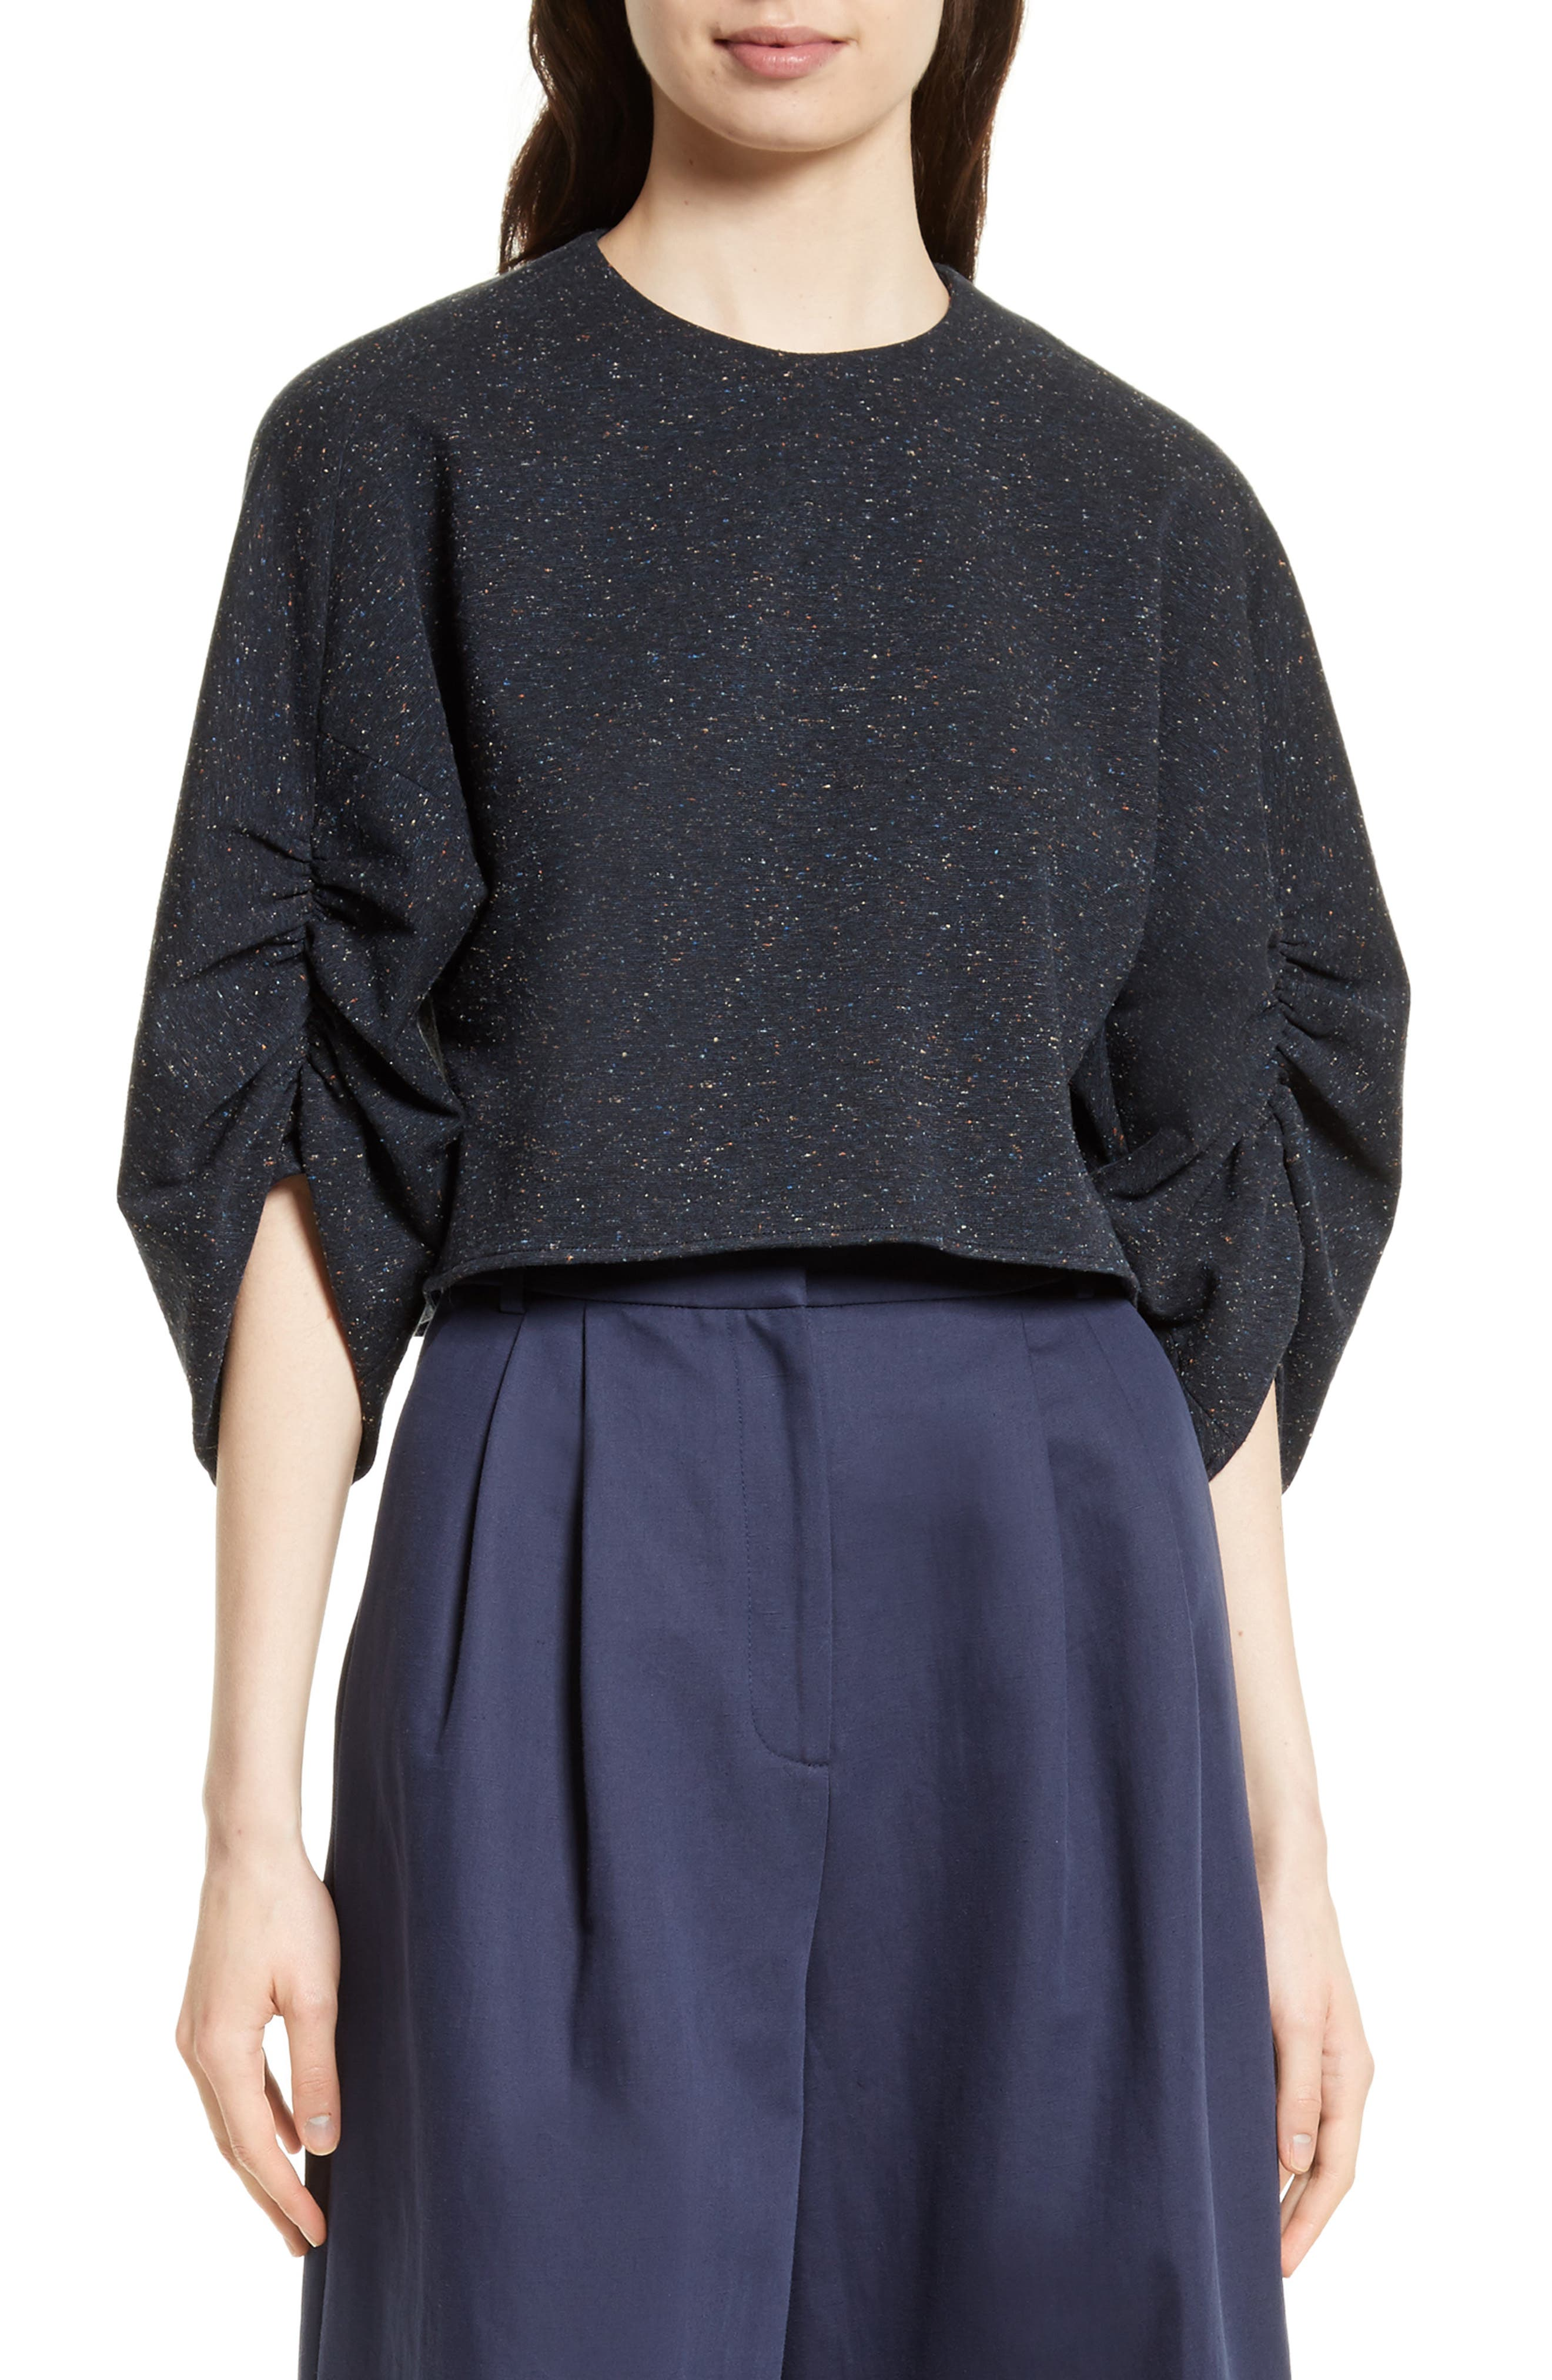 Imogen Tweed Top,                         Main,                         color, 402